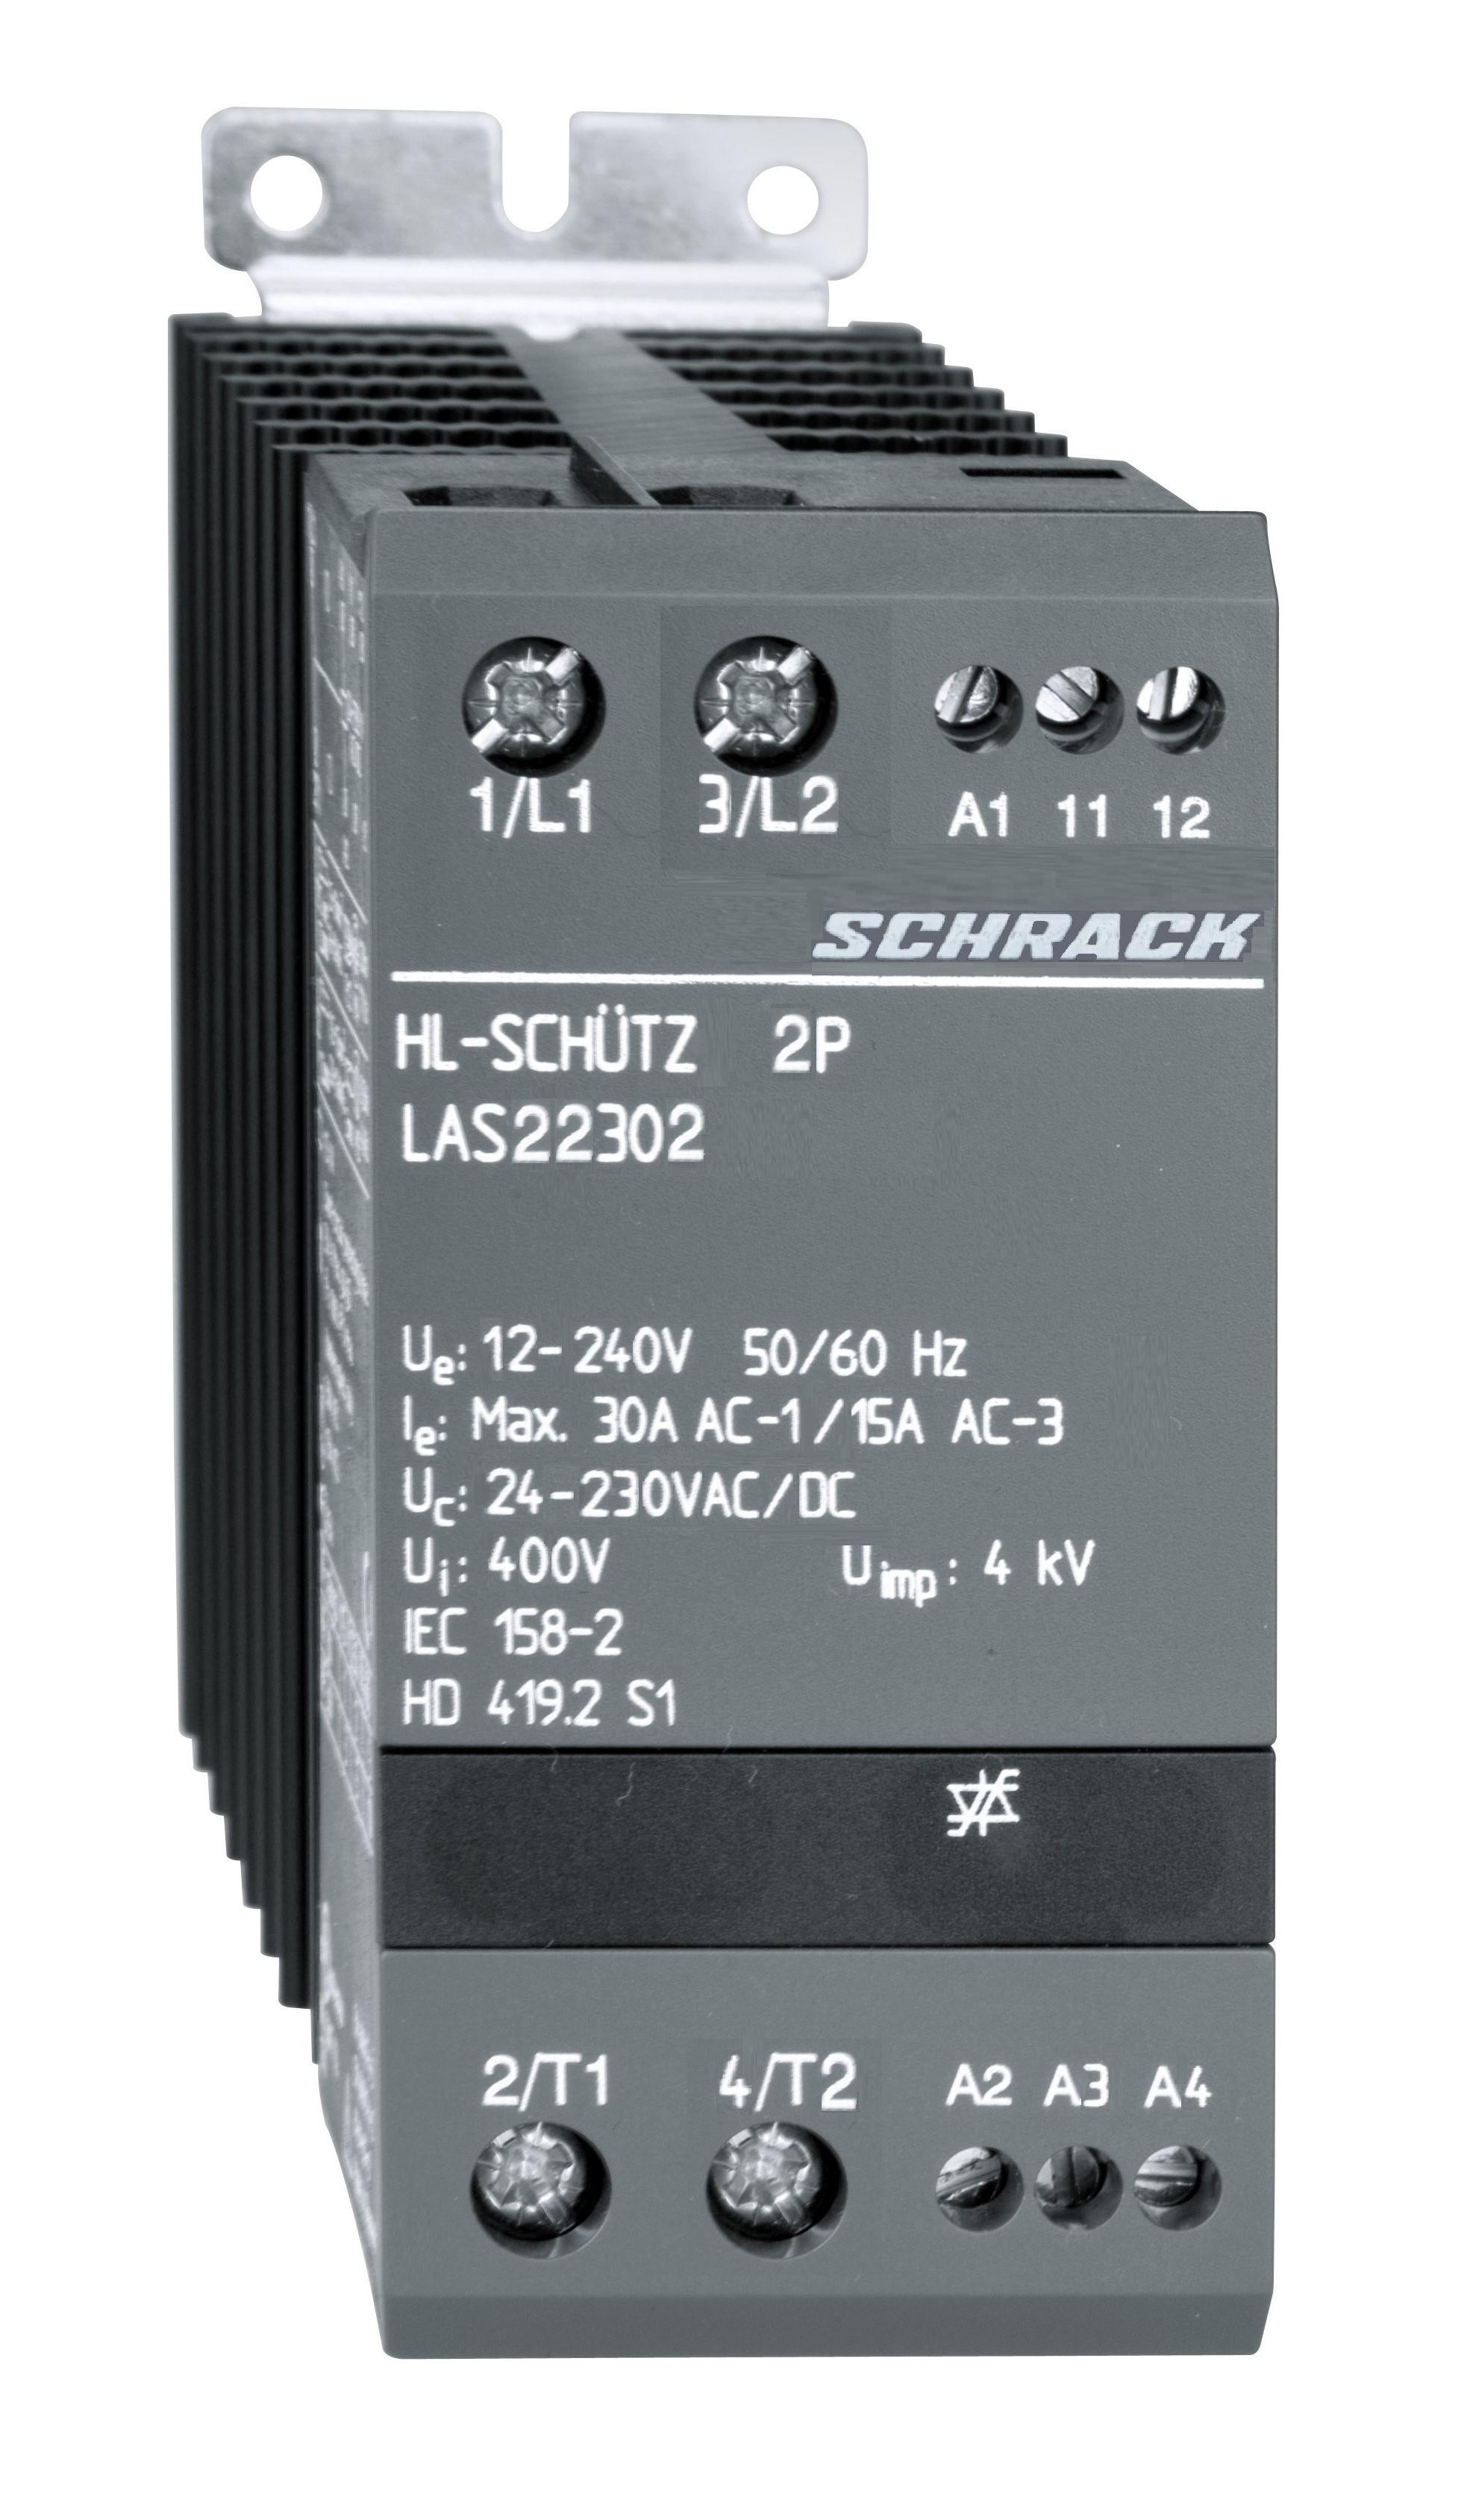 1 Stk Halbleiterschütz 2x1-polig 30A/12-230VAC, 24-230VAC/DC LAS22302--